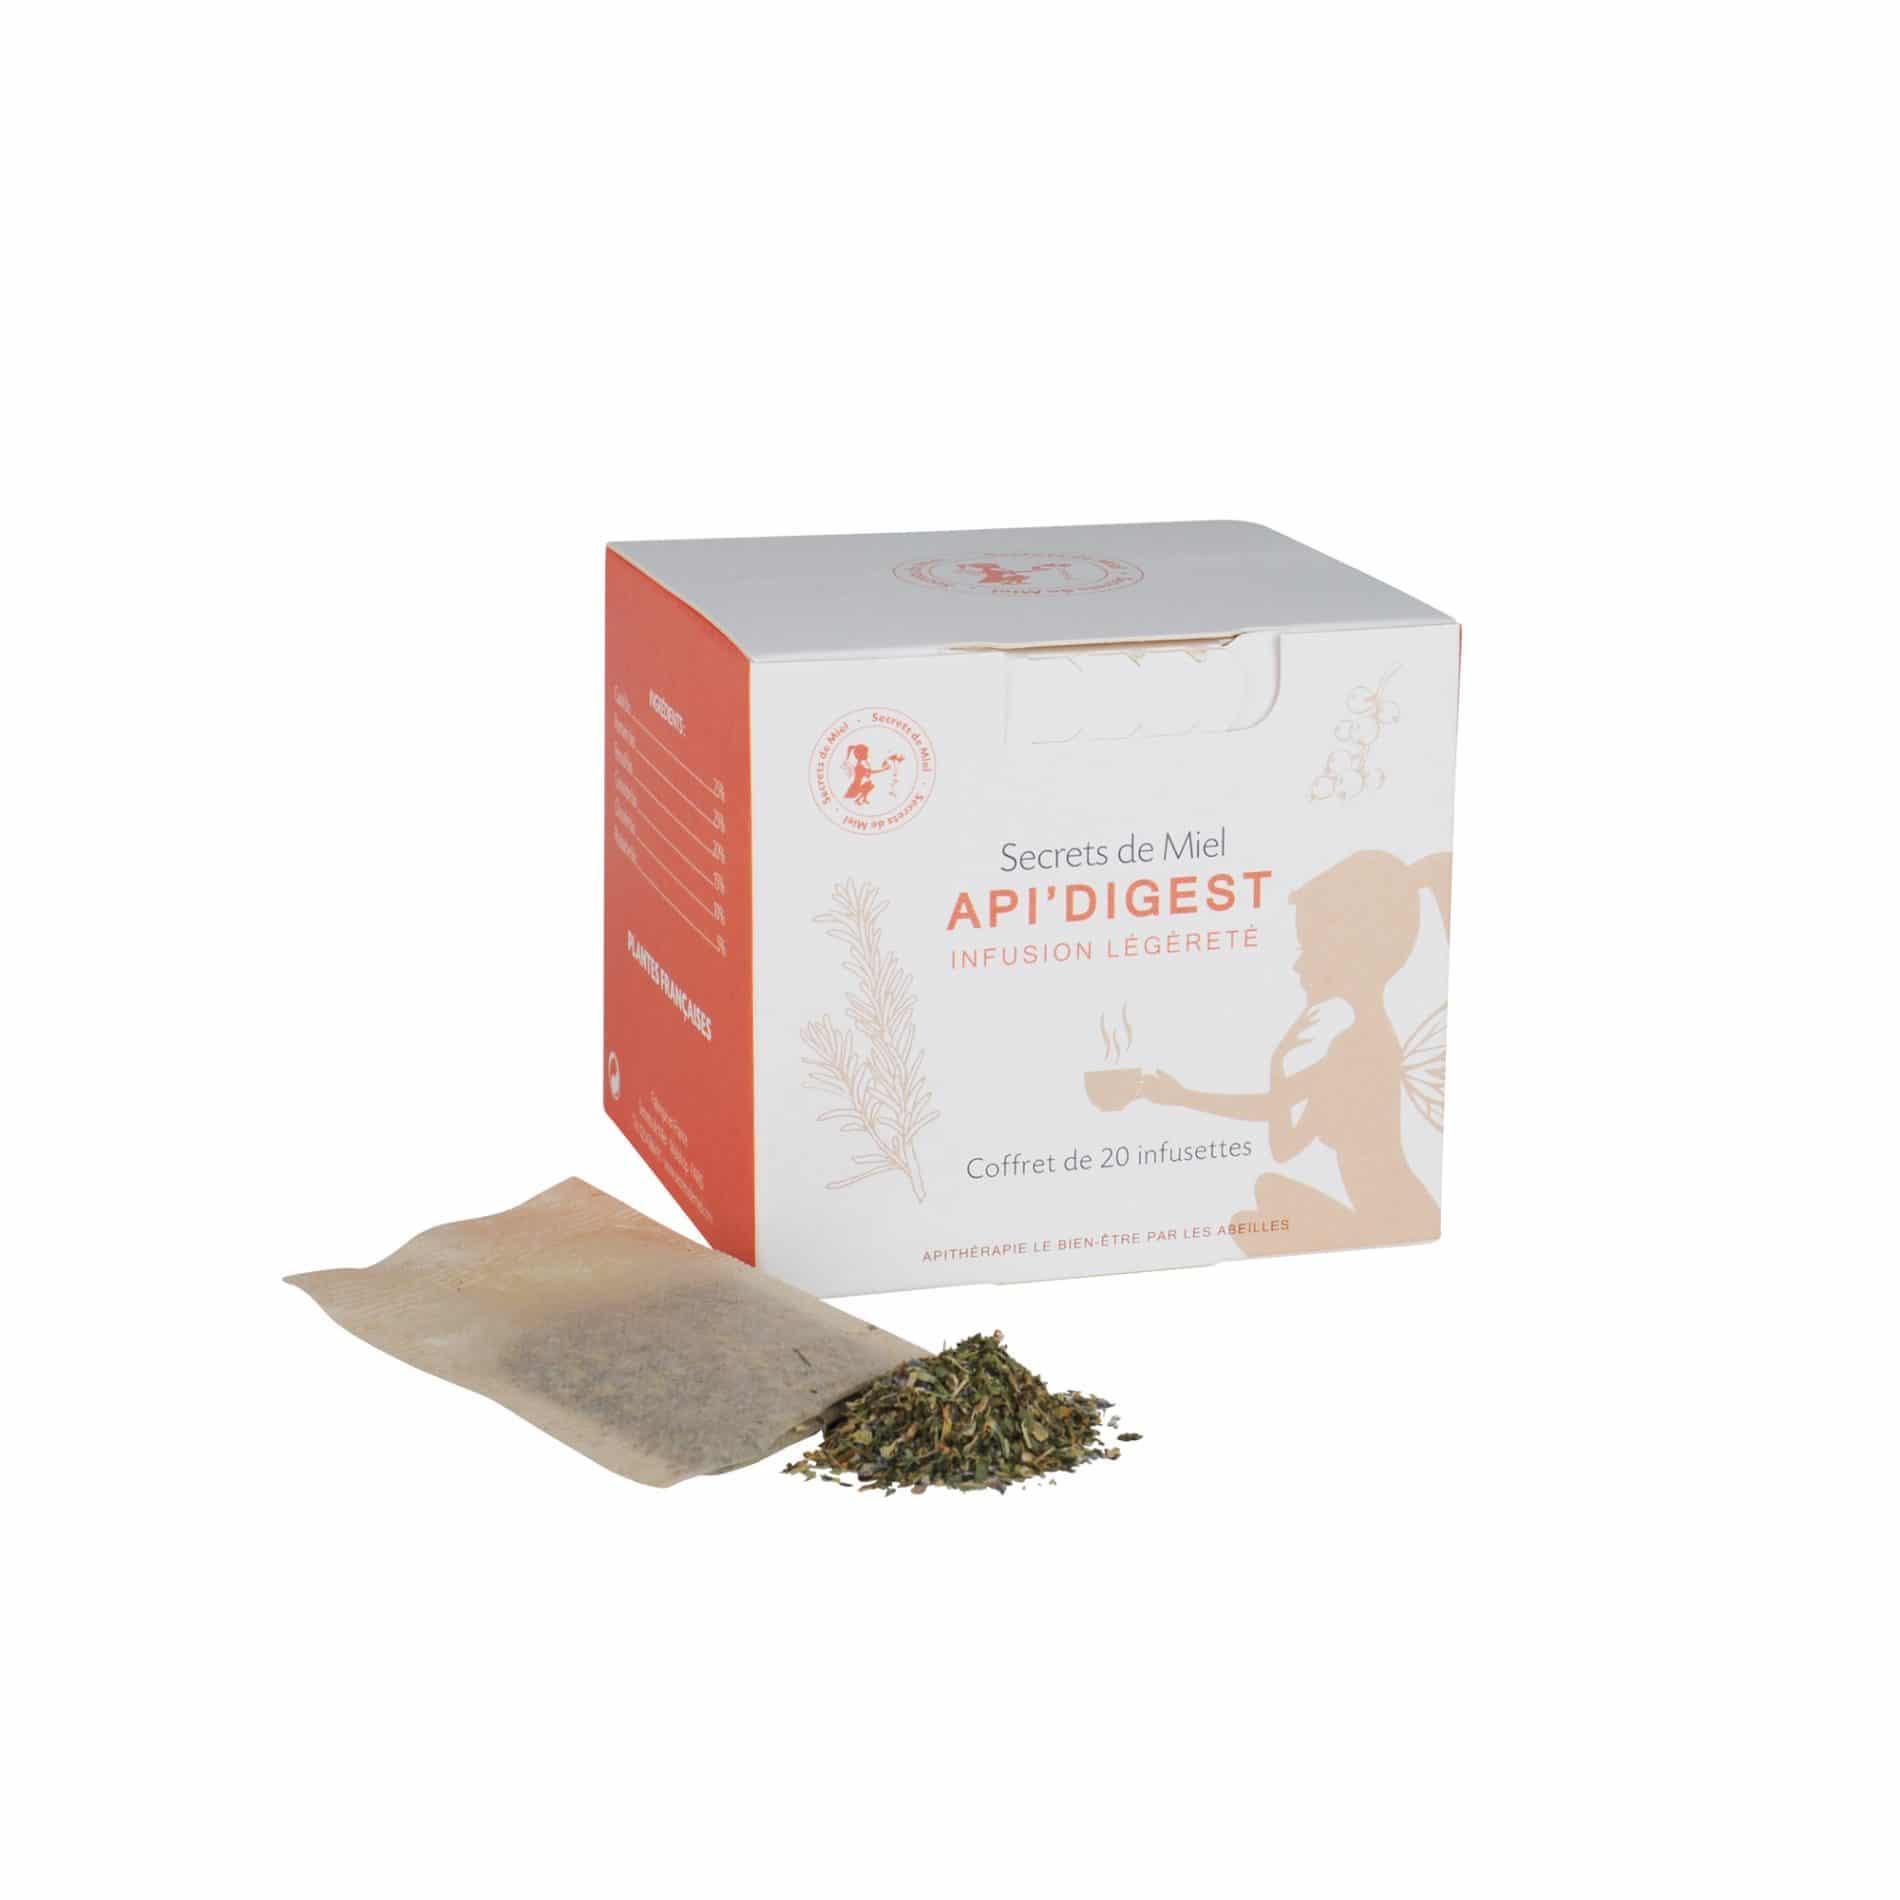 Infusion Api'Digest - Meilleure digestion - Plantes - Produit naturel - Secrets de Miel